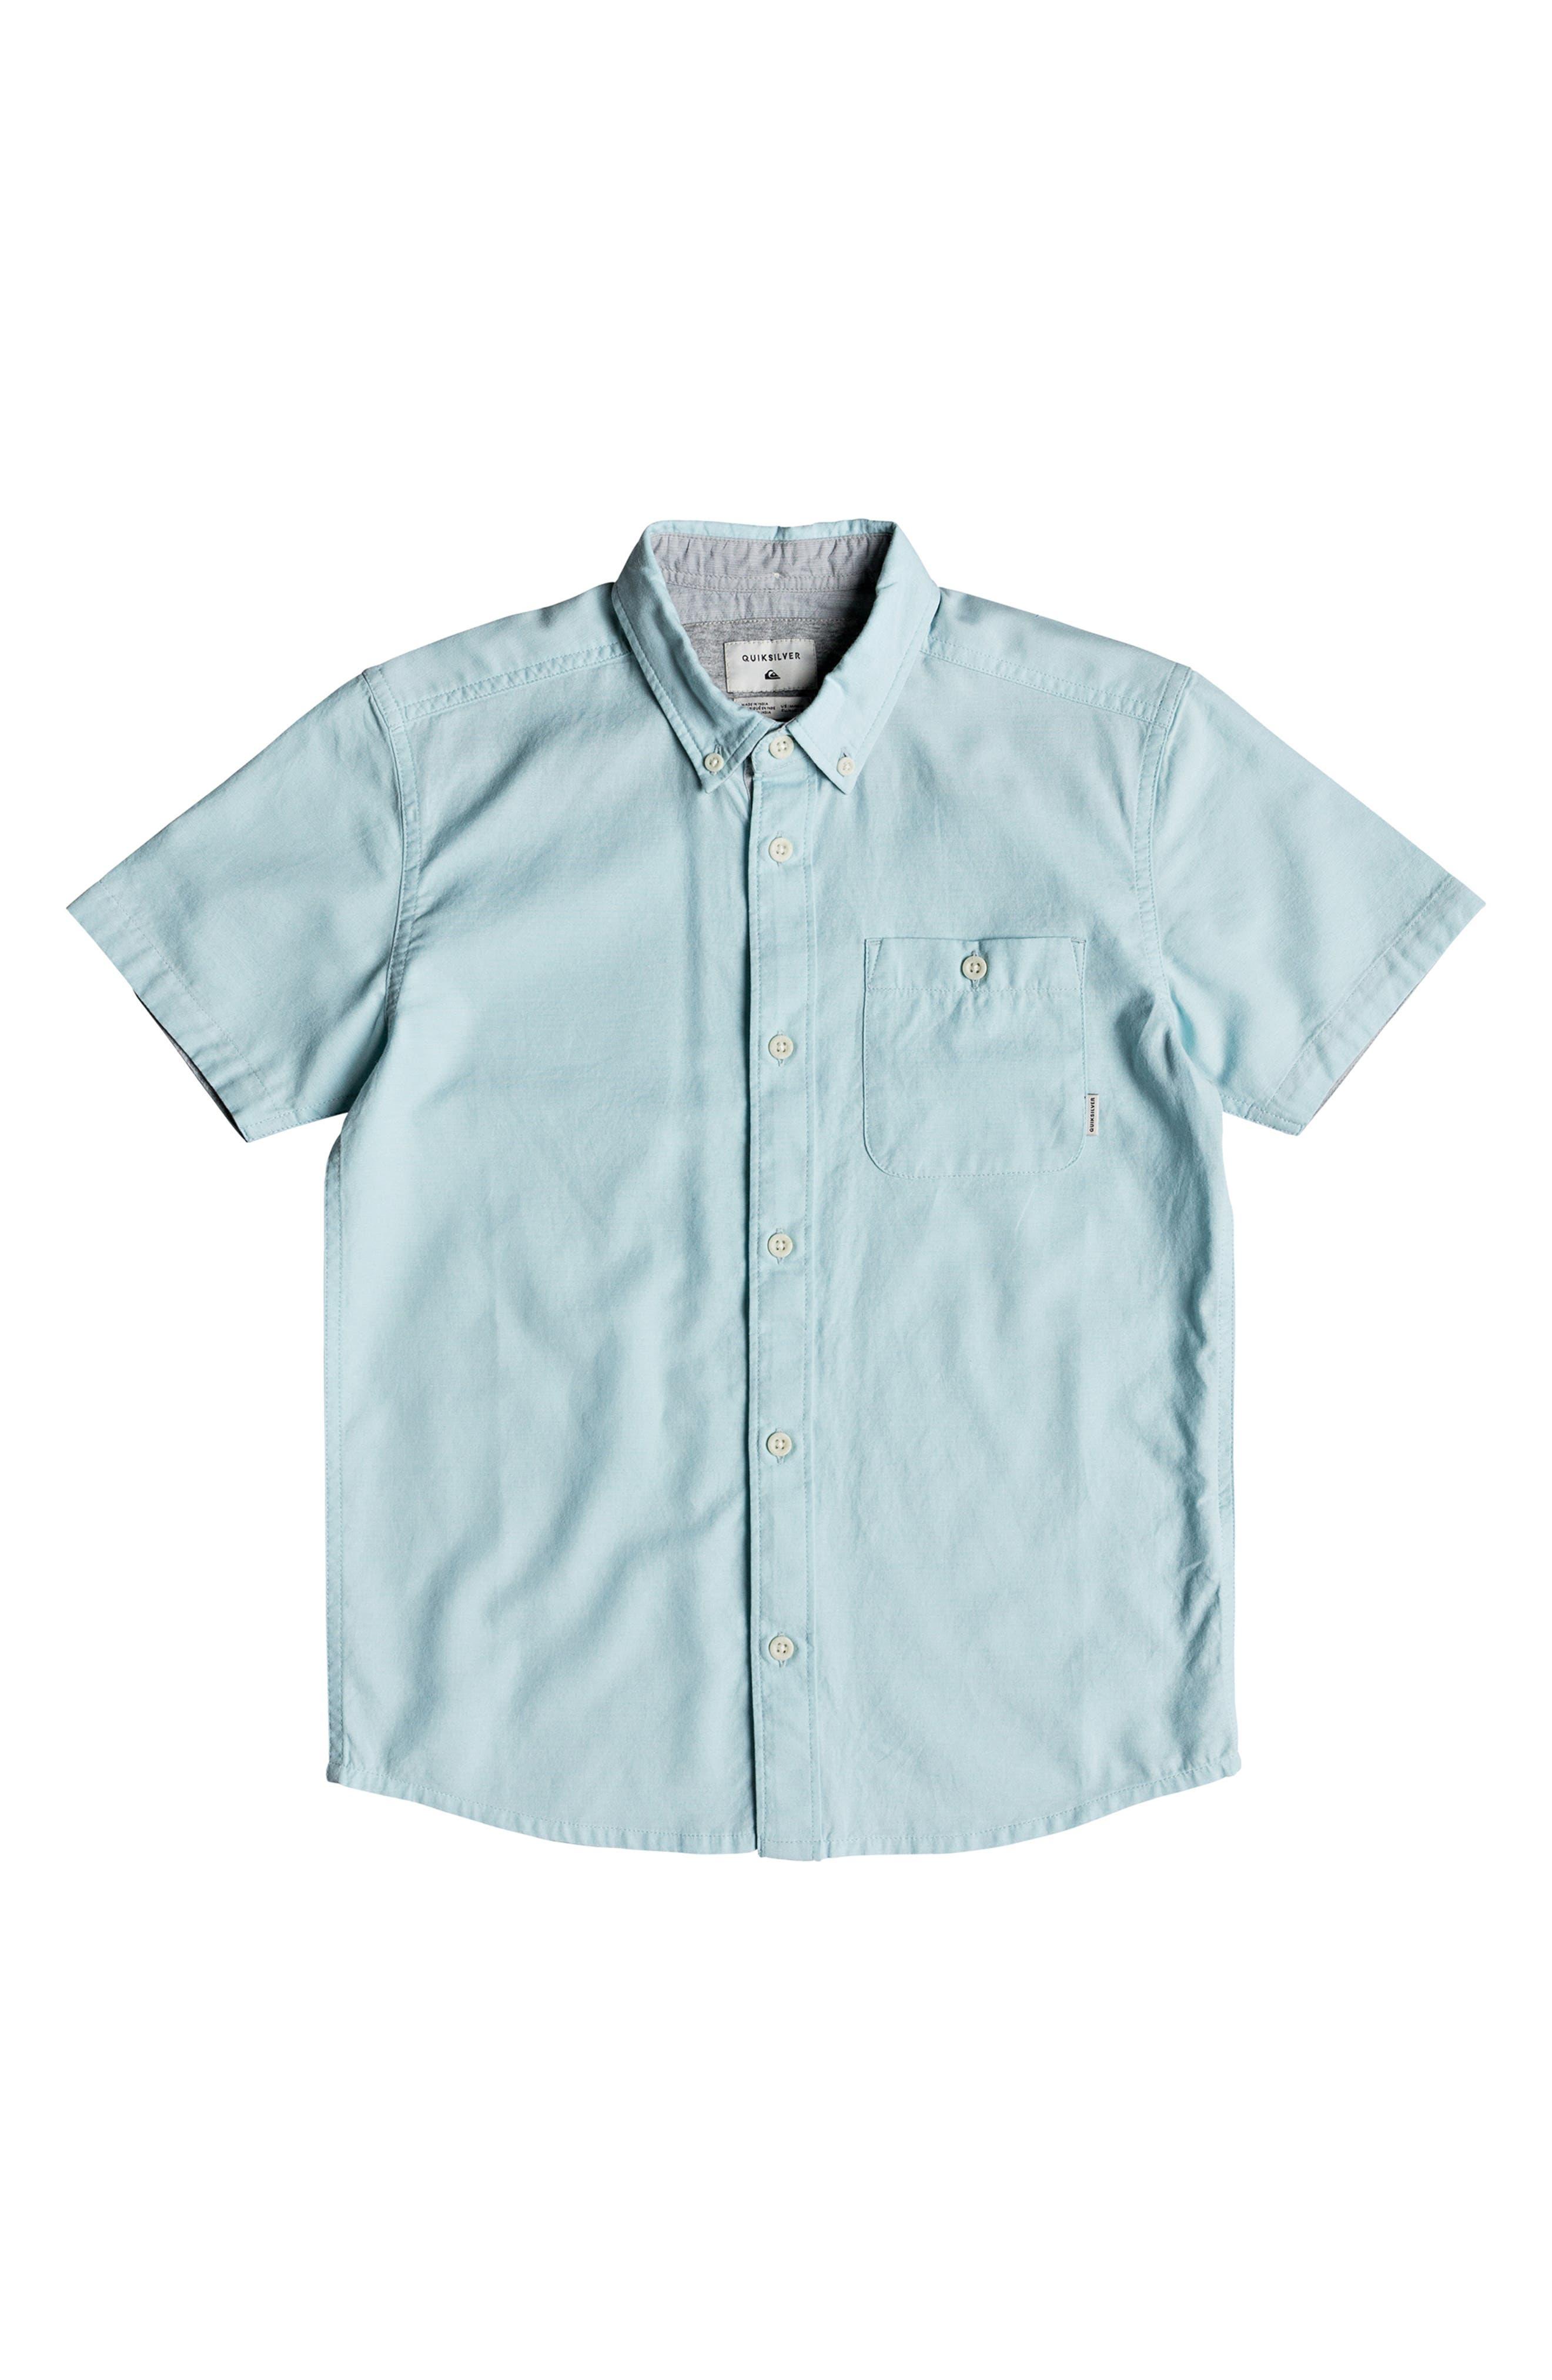 Waterfalls Woven Shirt,                             Main thumbnail 1, color,                             AQUATIC